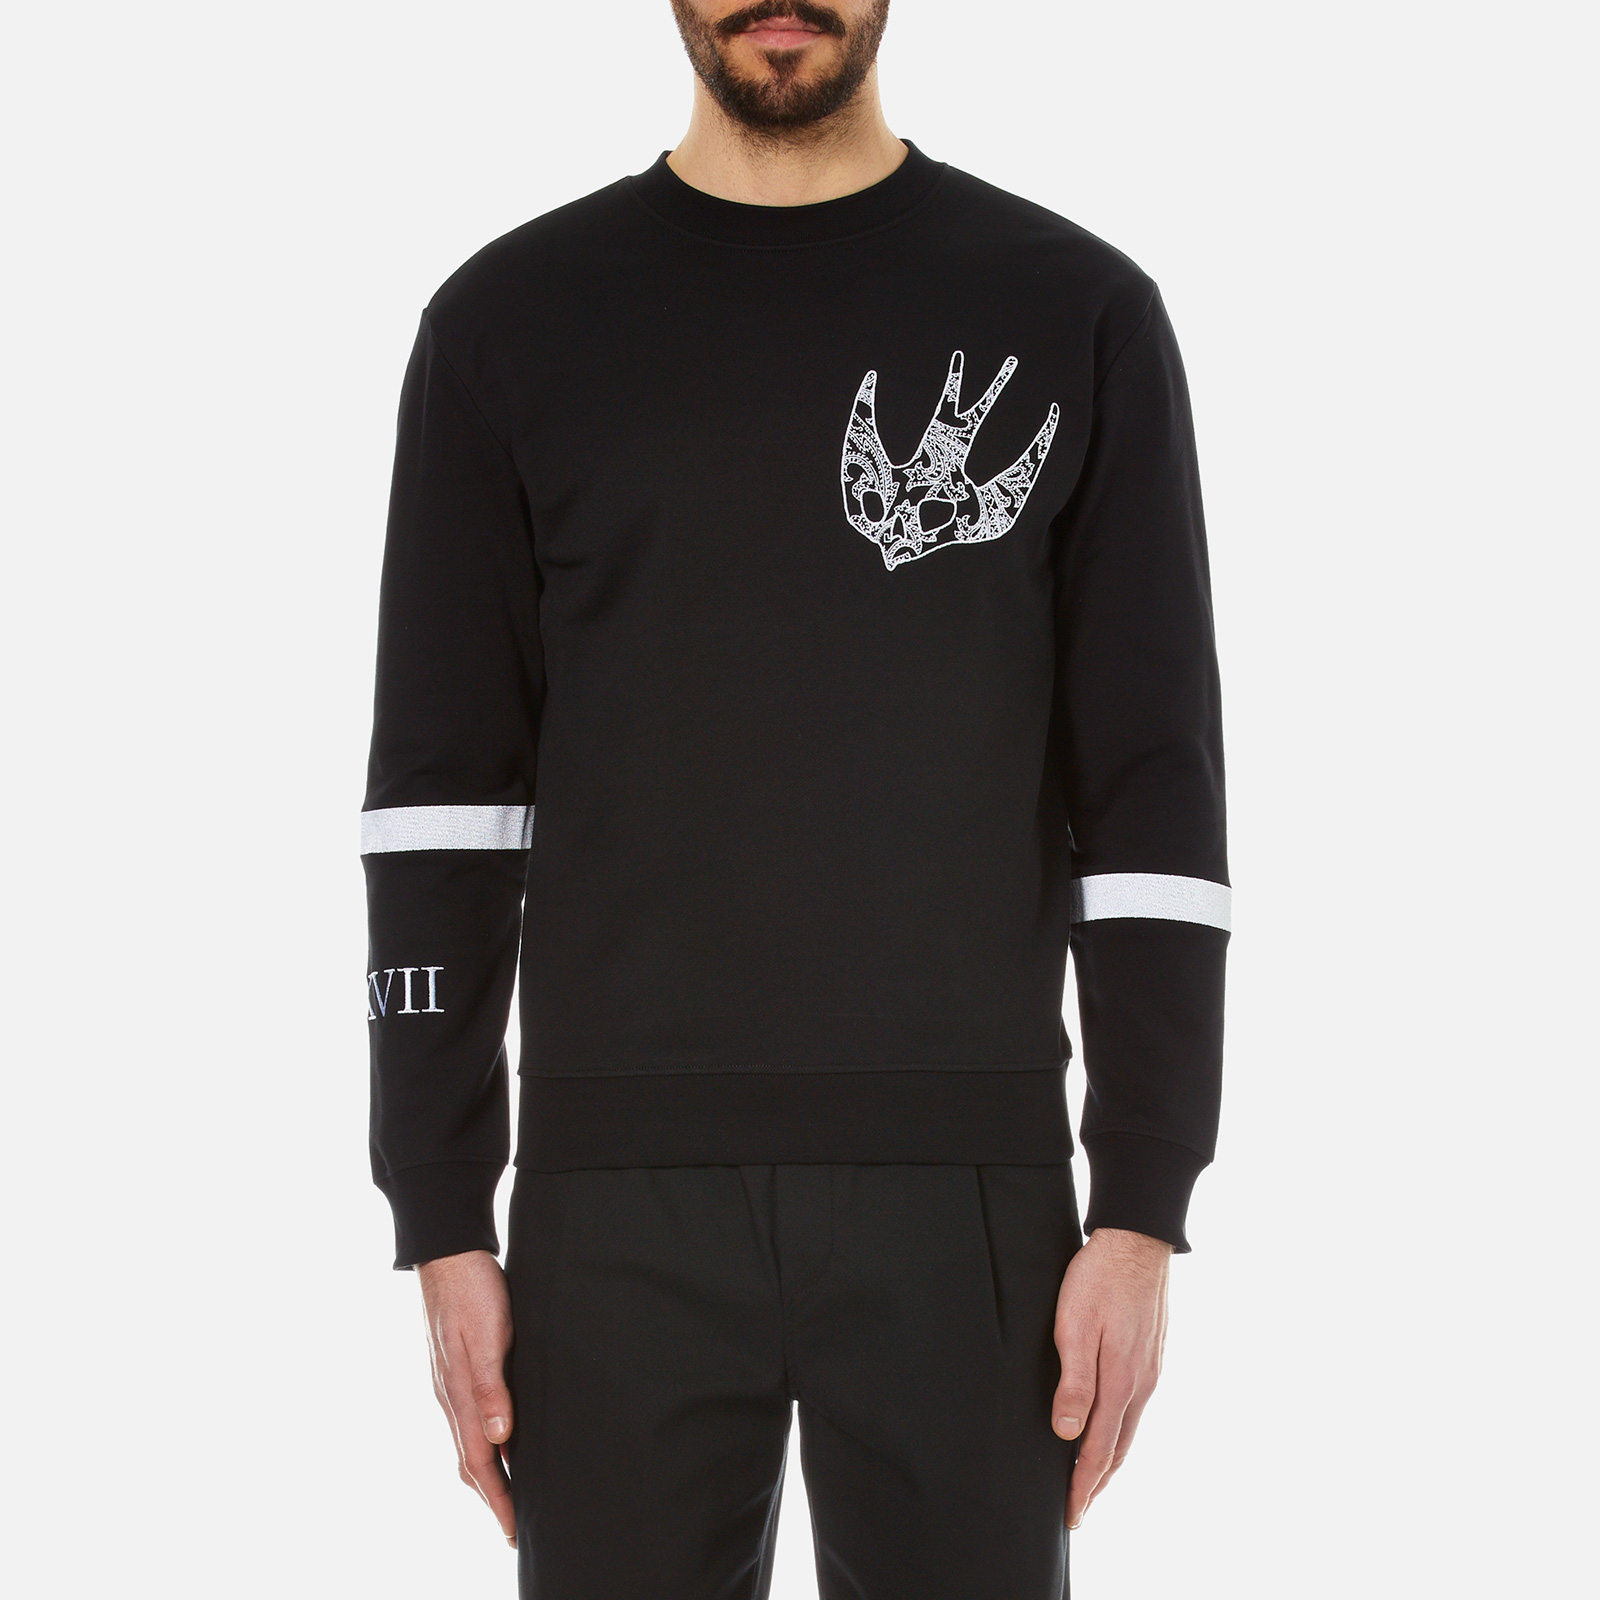 44c36906d33 ... McQ Alexander McQueen Men s Clean Crew Neck Swallow Sweatshirt - Darkest  Black